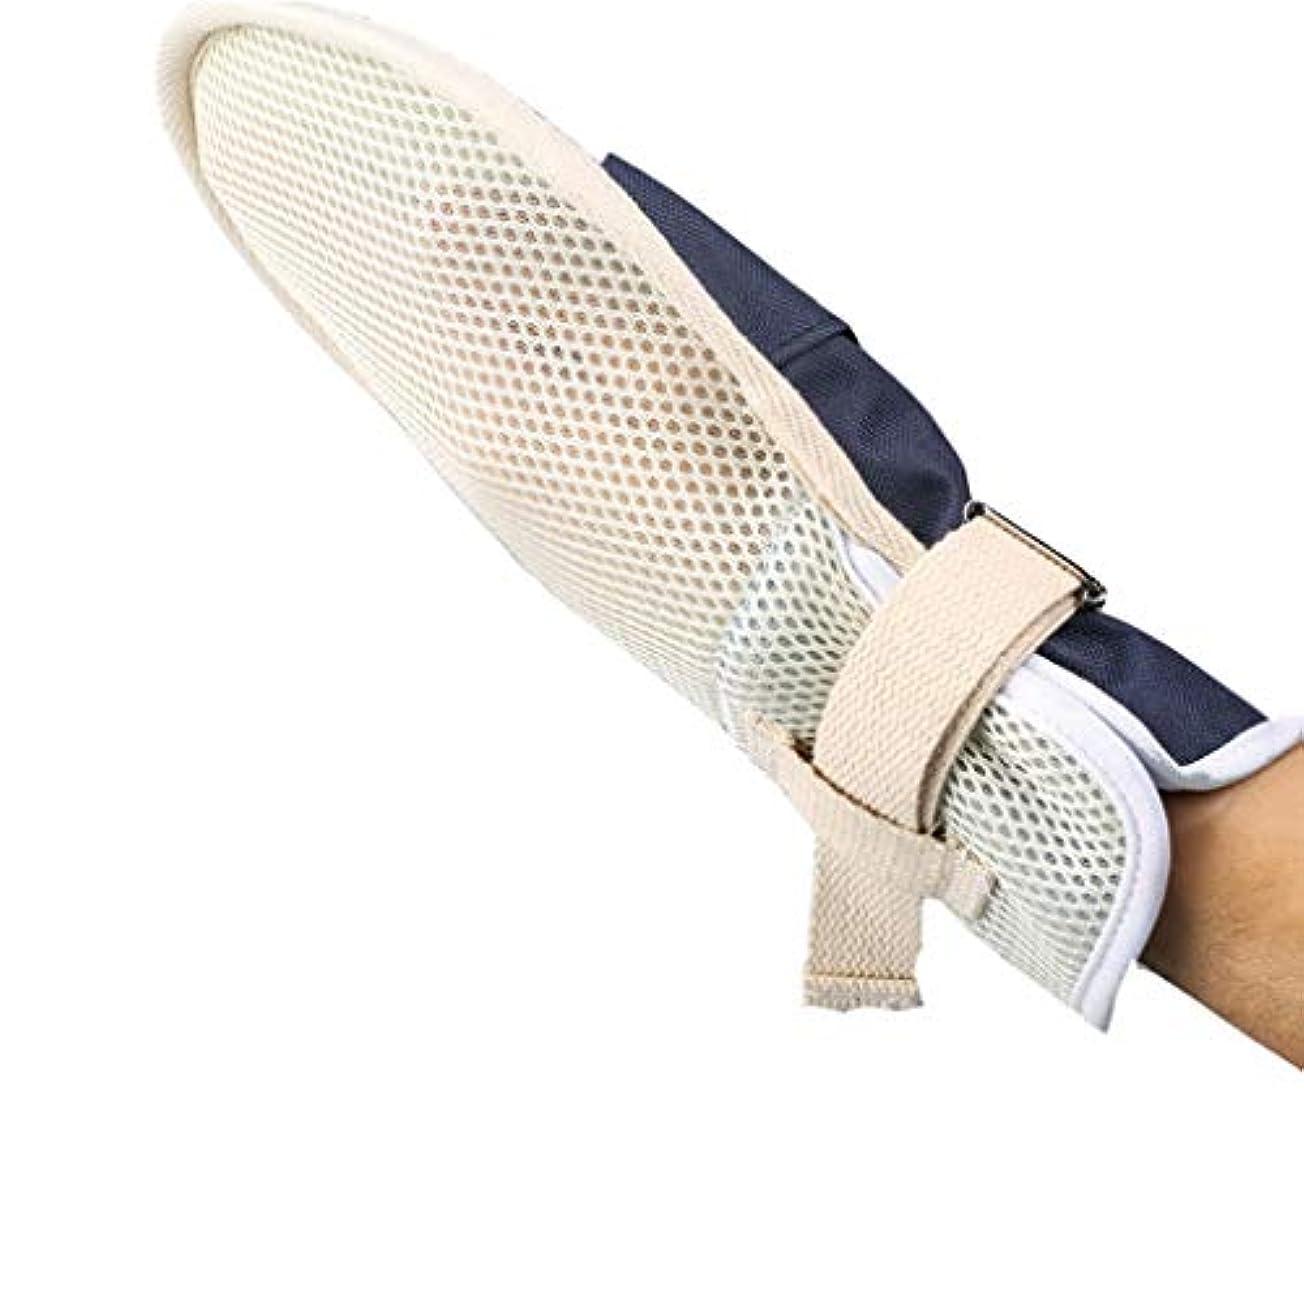 カナダ岩有害な医療用拘束手袋 - Ospital医療用拘束手袋、予防患者の自己傷害